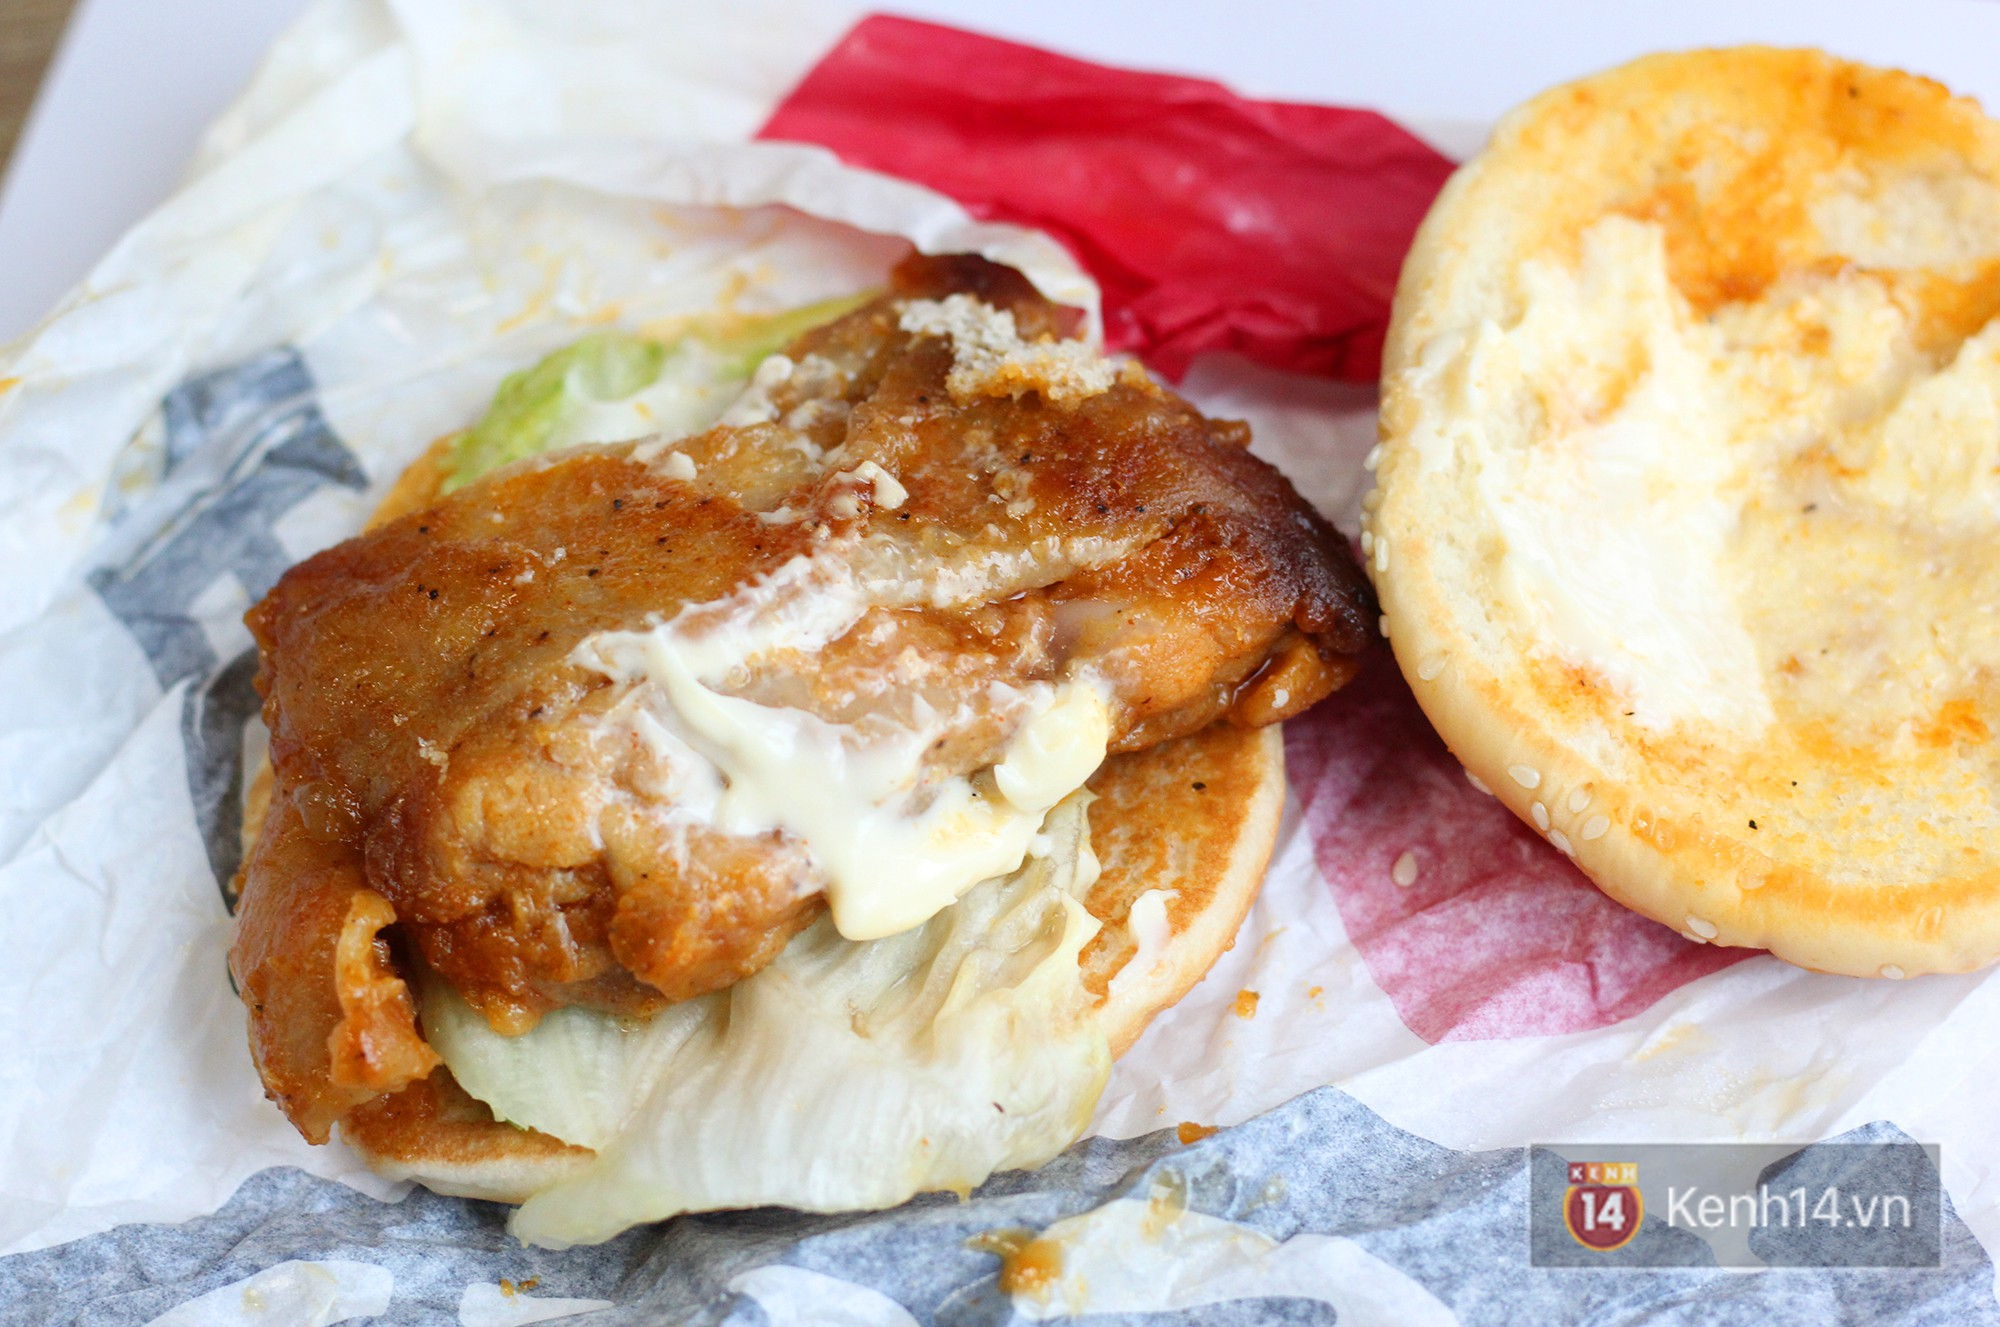 Xem sự khác biệt giữa quảng cáo và thực tế của burger ở Việt Nam để thấy đúng là đời không như mơ - Ảnh 18.